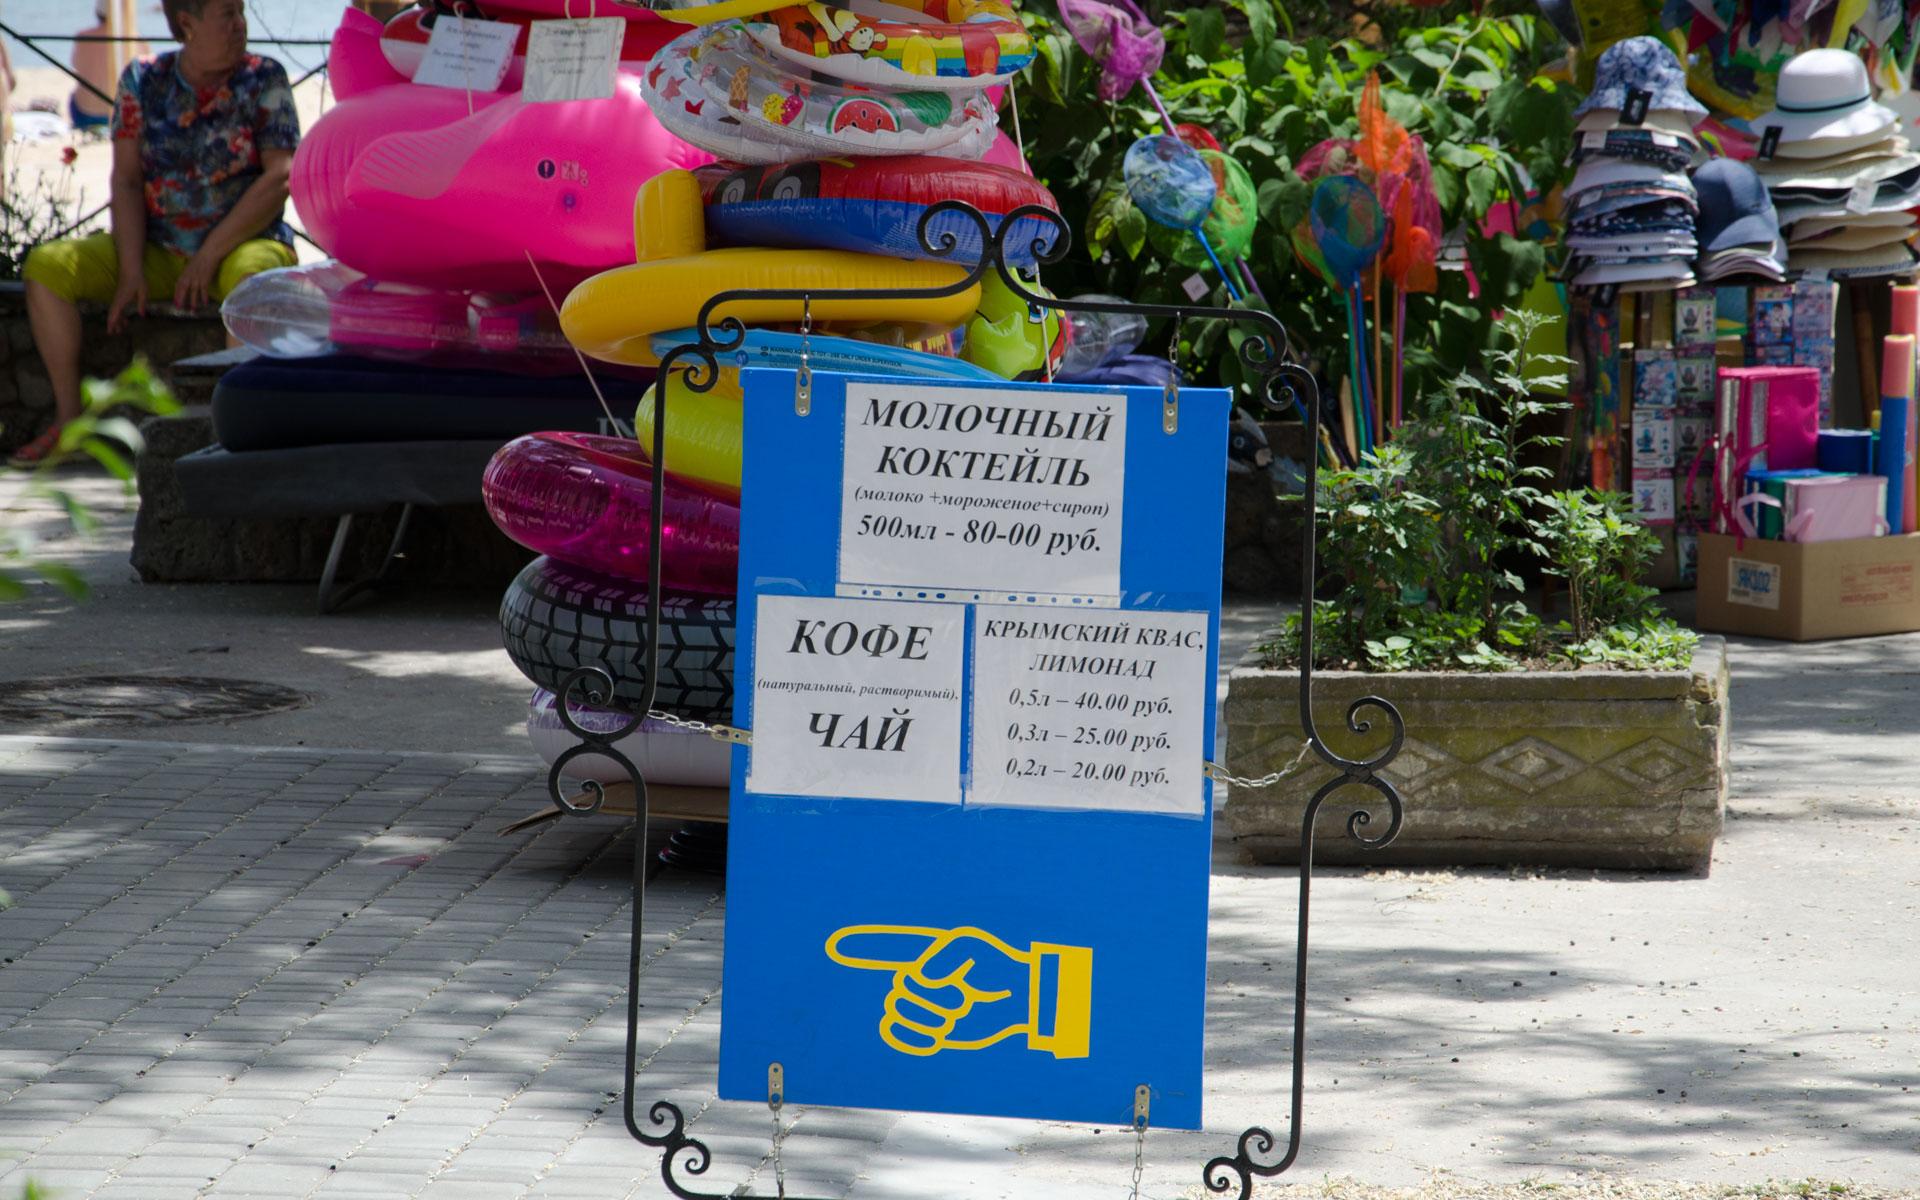 Цены в магазине. Фото Заозёрного